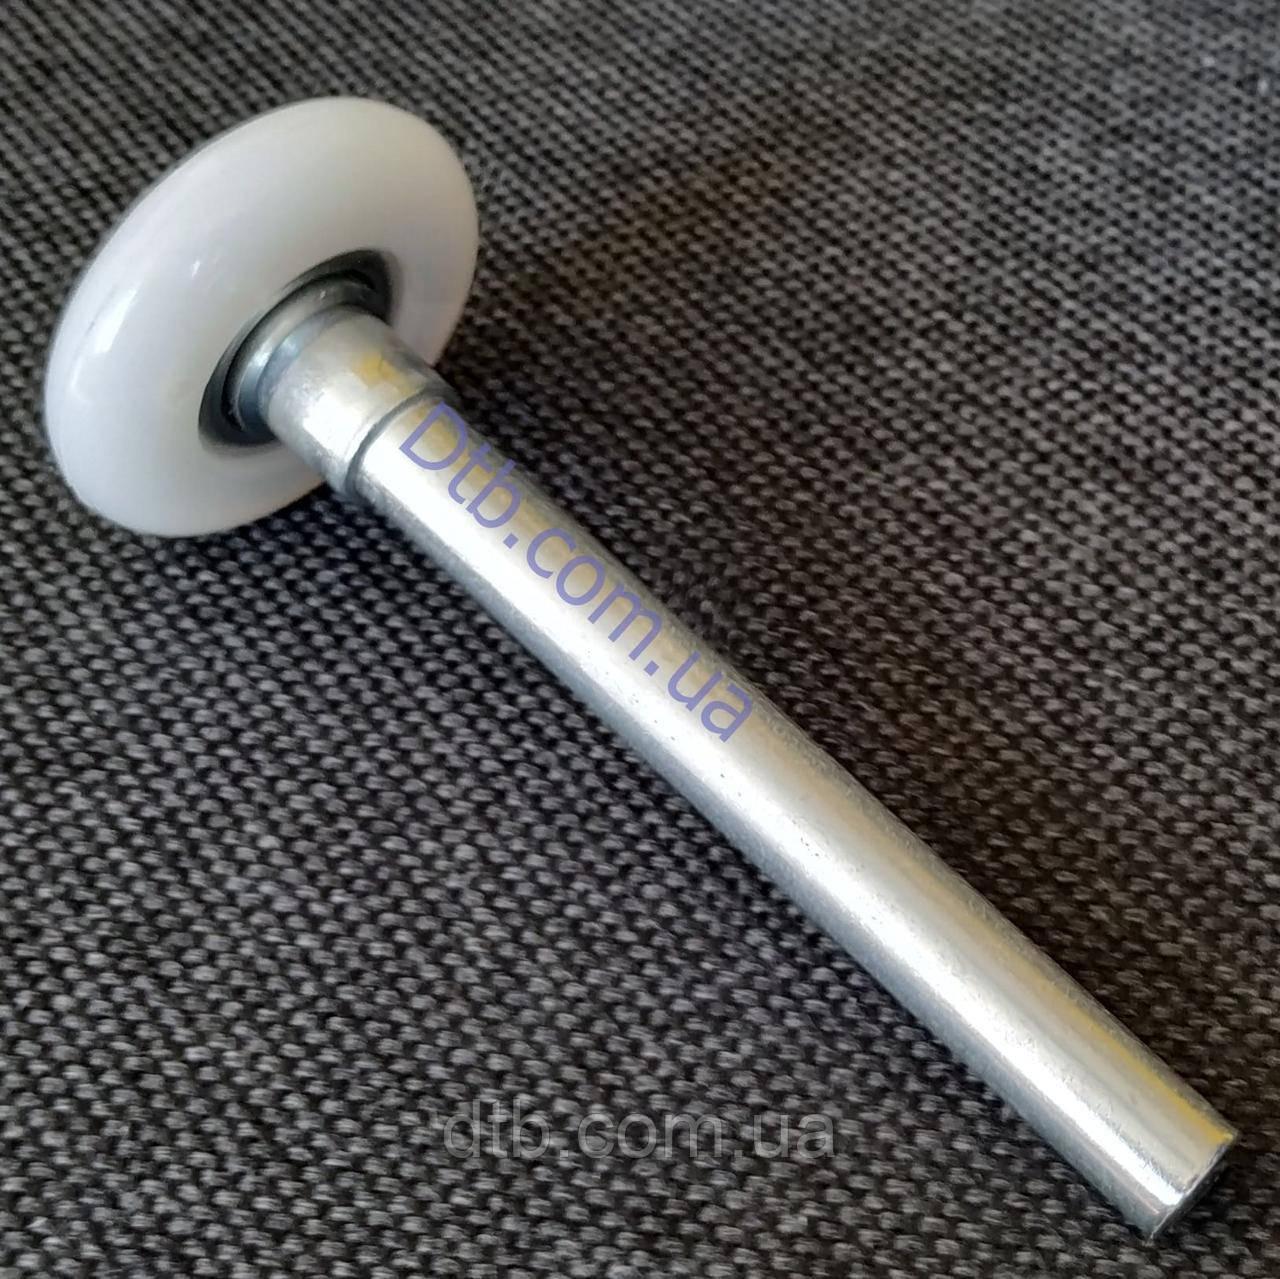 Ролик 46/11/120 мм для ворот ролет гаражных и автомобильных 25010B